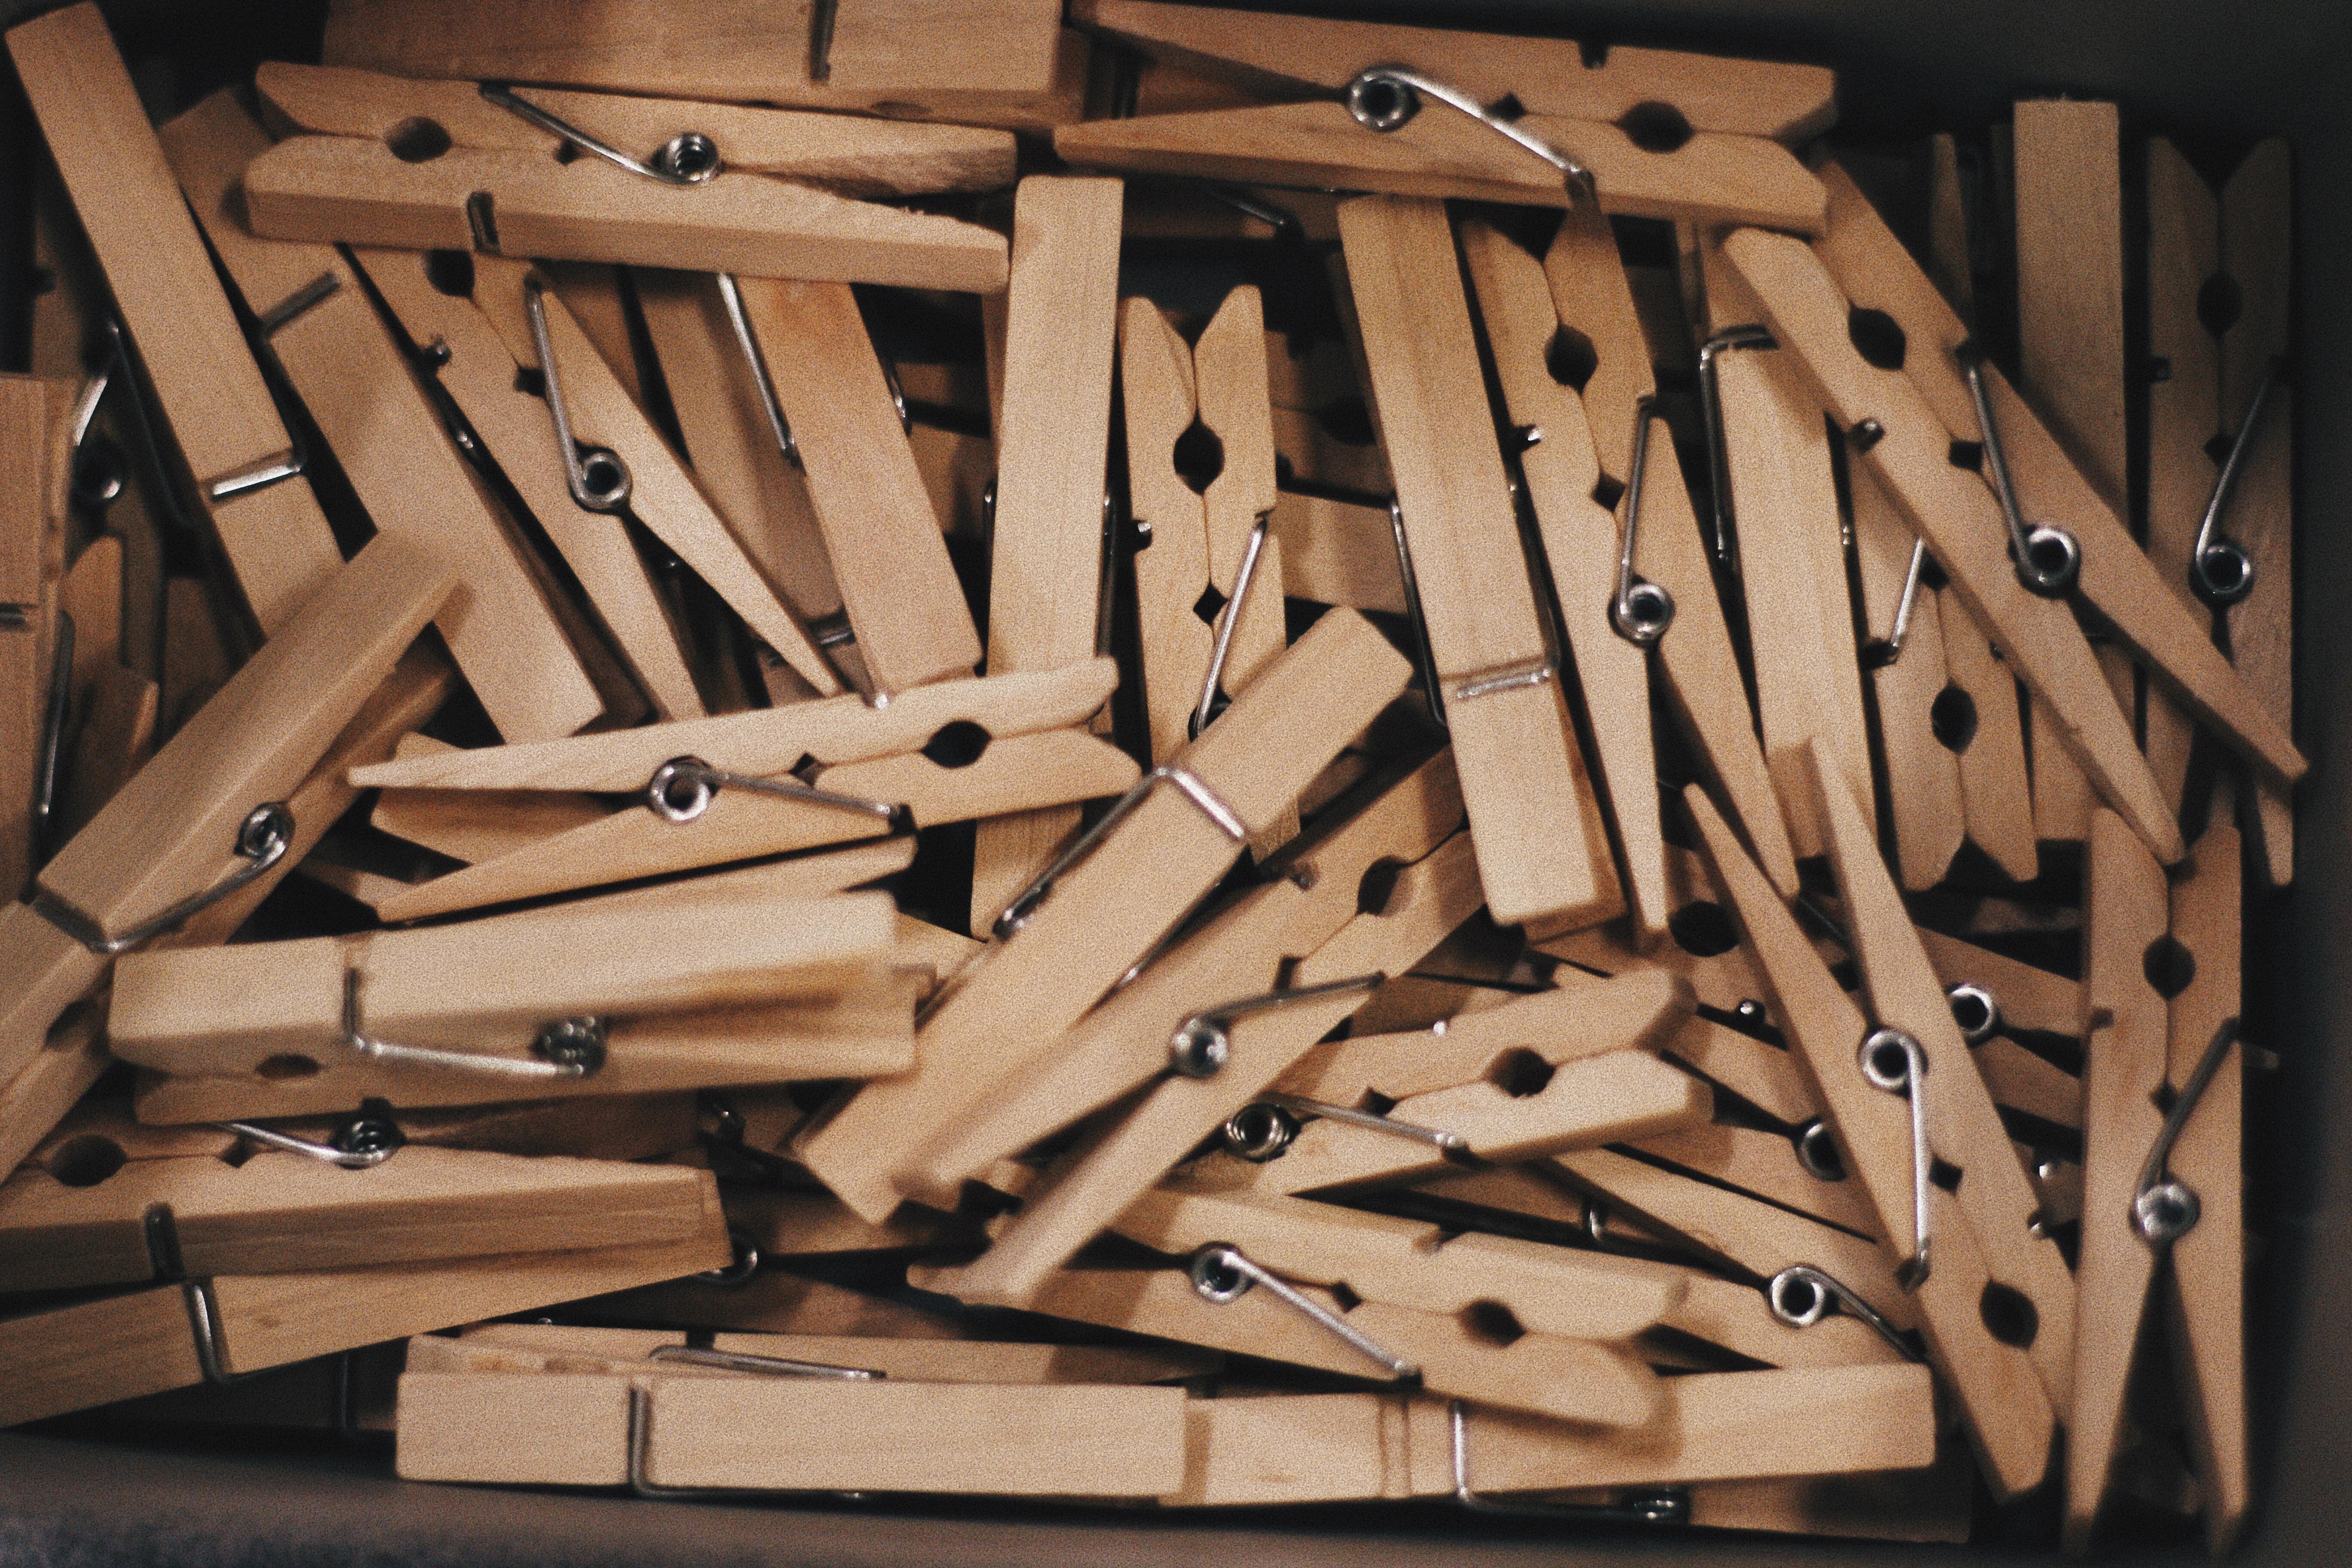 Holz Stehlen kostenlose foto tabelle verwischen holz stehlen ausrüstung